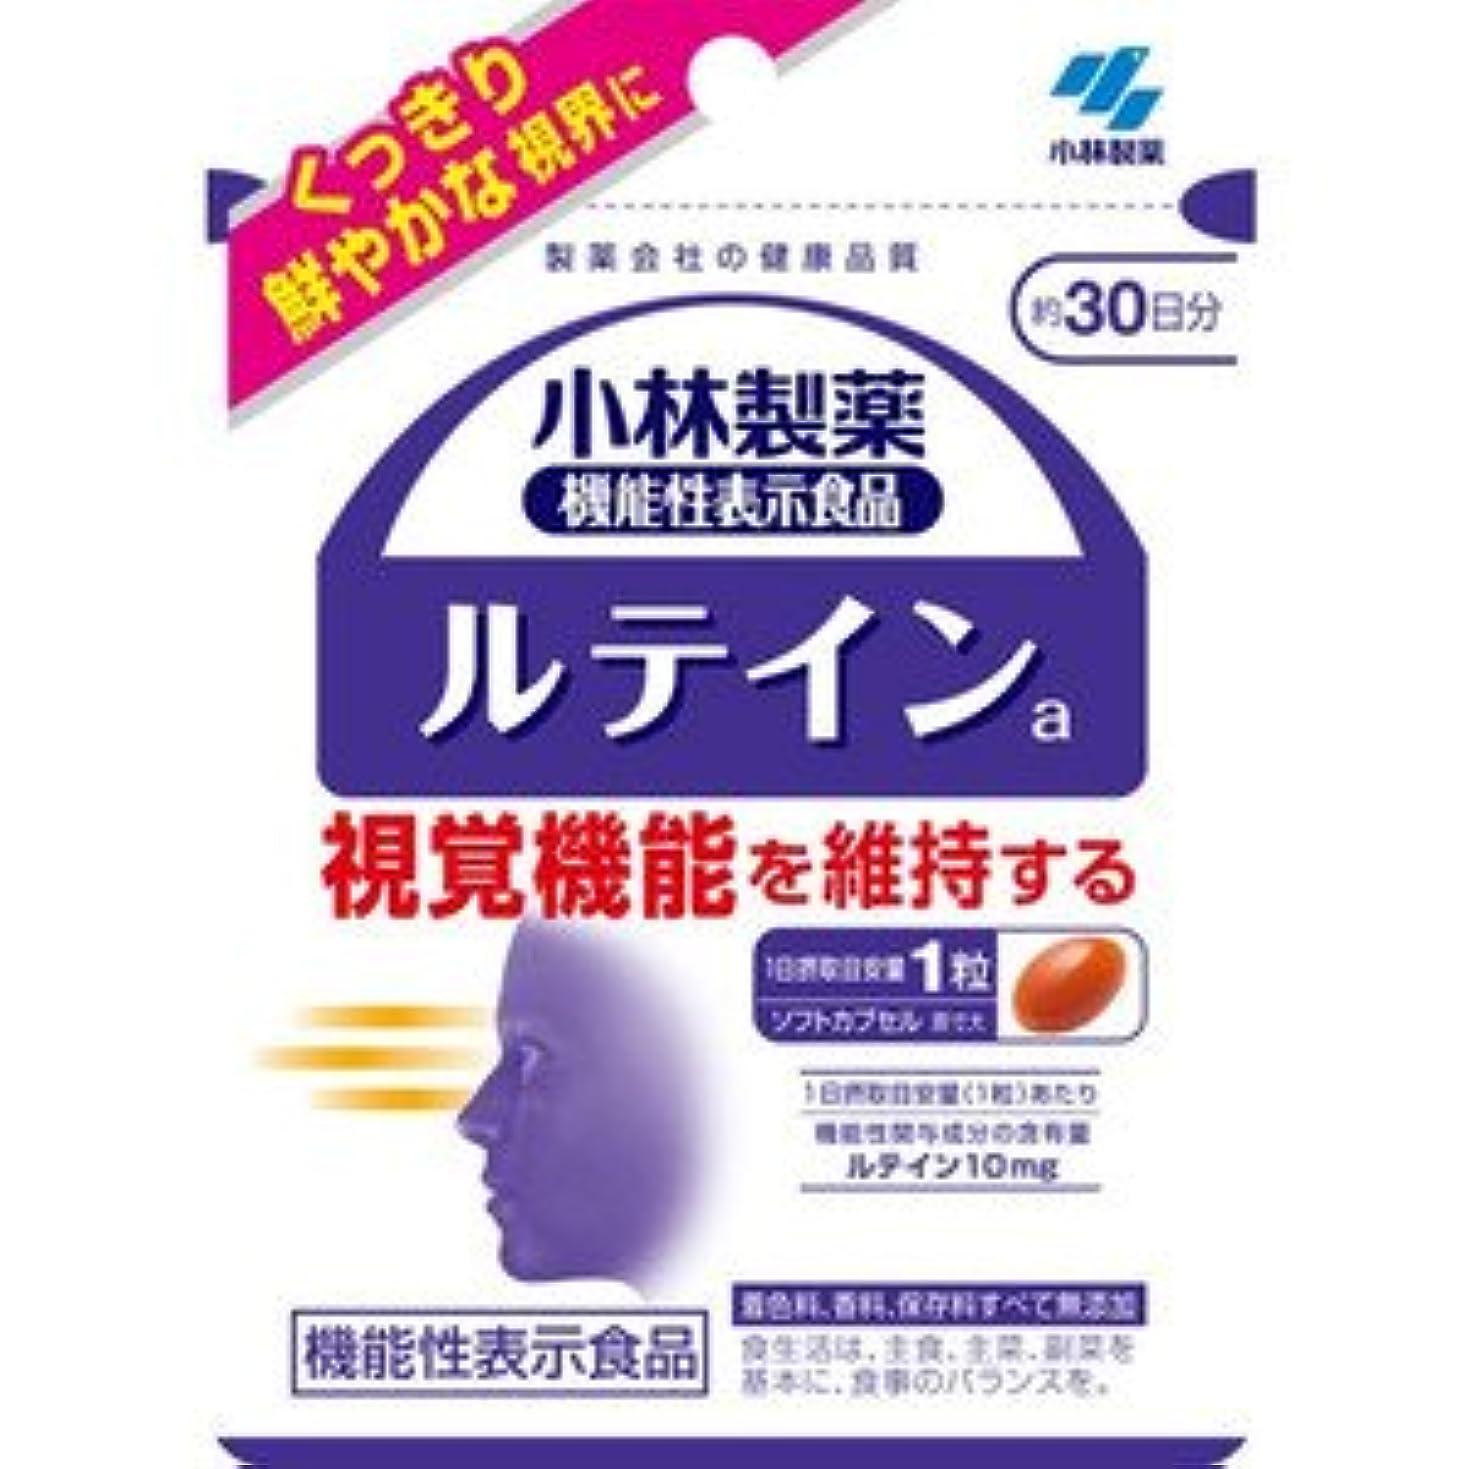 症候群いわゆる放射性(小林製薬)ルテインa 30粒